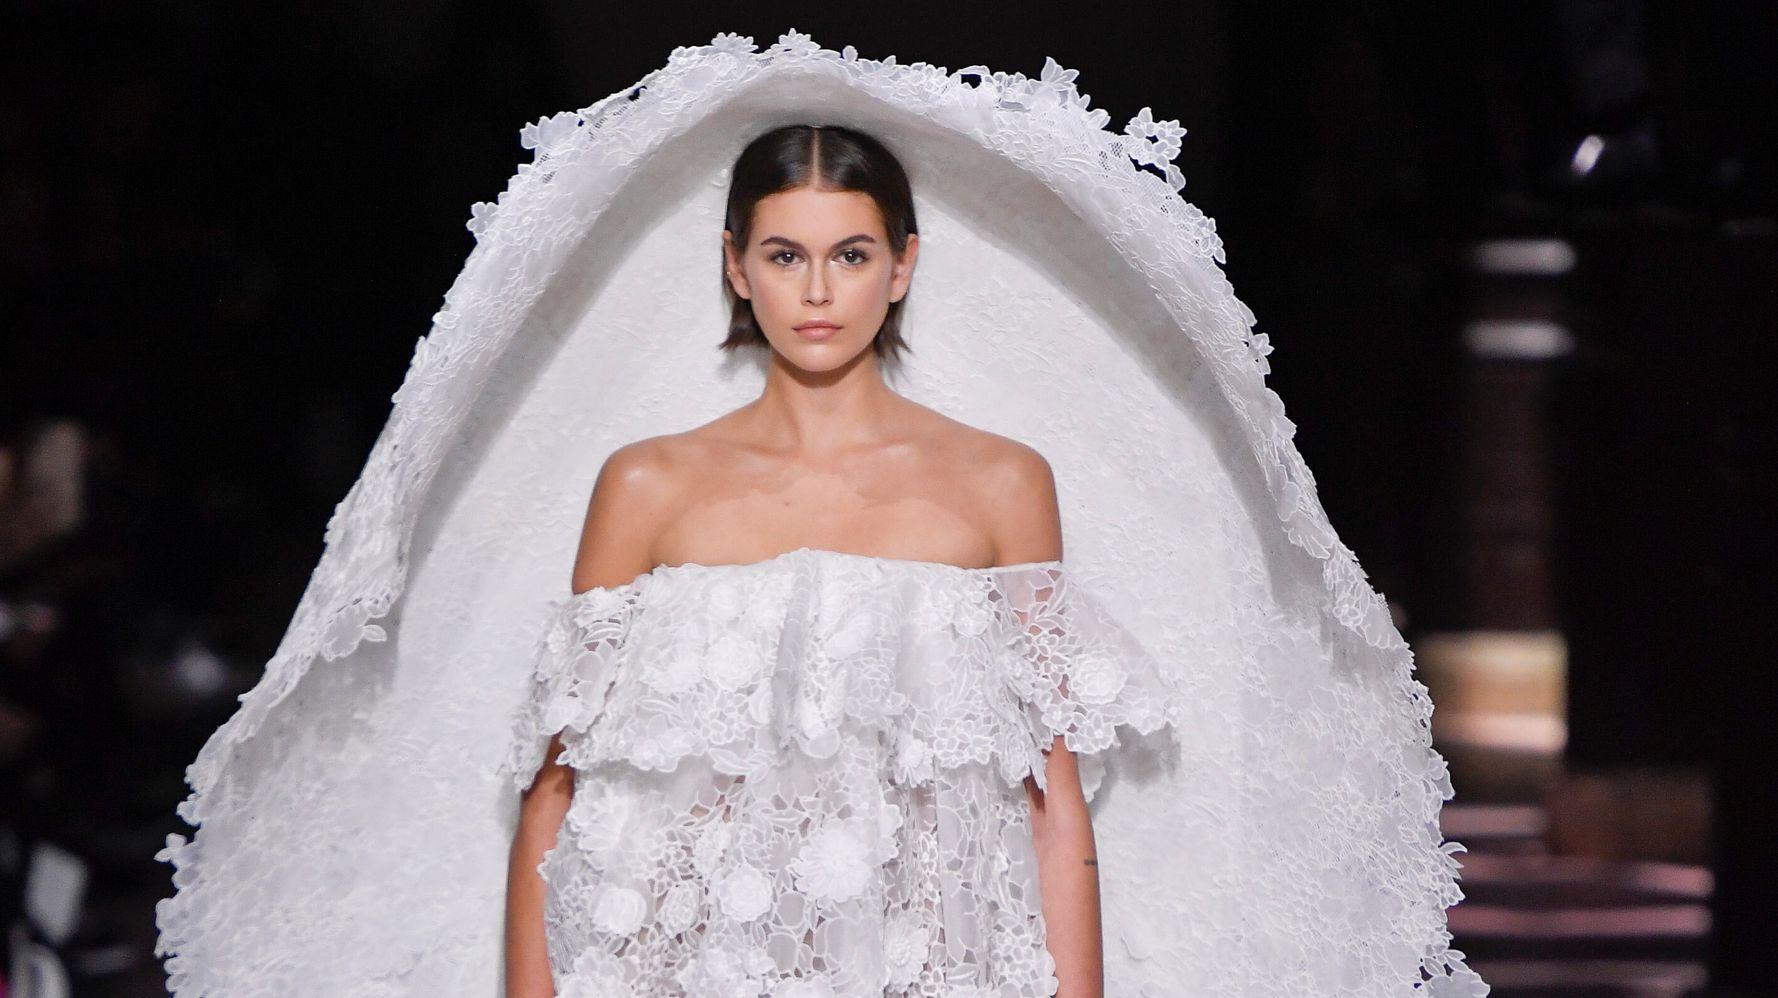 La robe de mariée de Kaia Gerber au défilé Givenchy est époustouflante